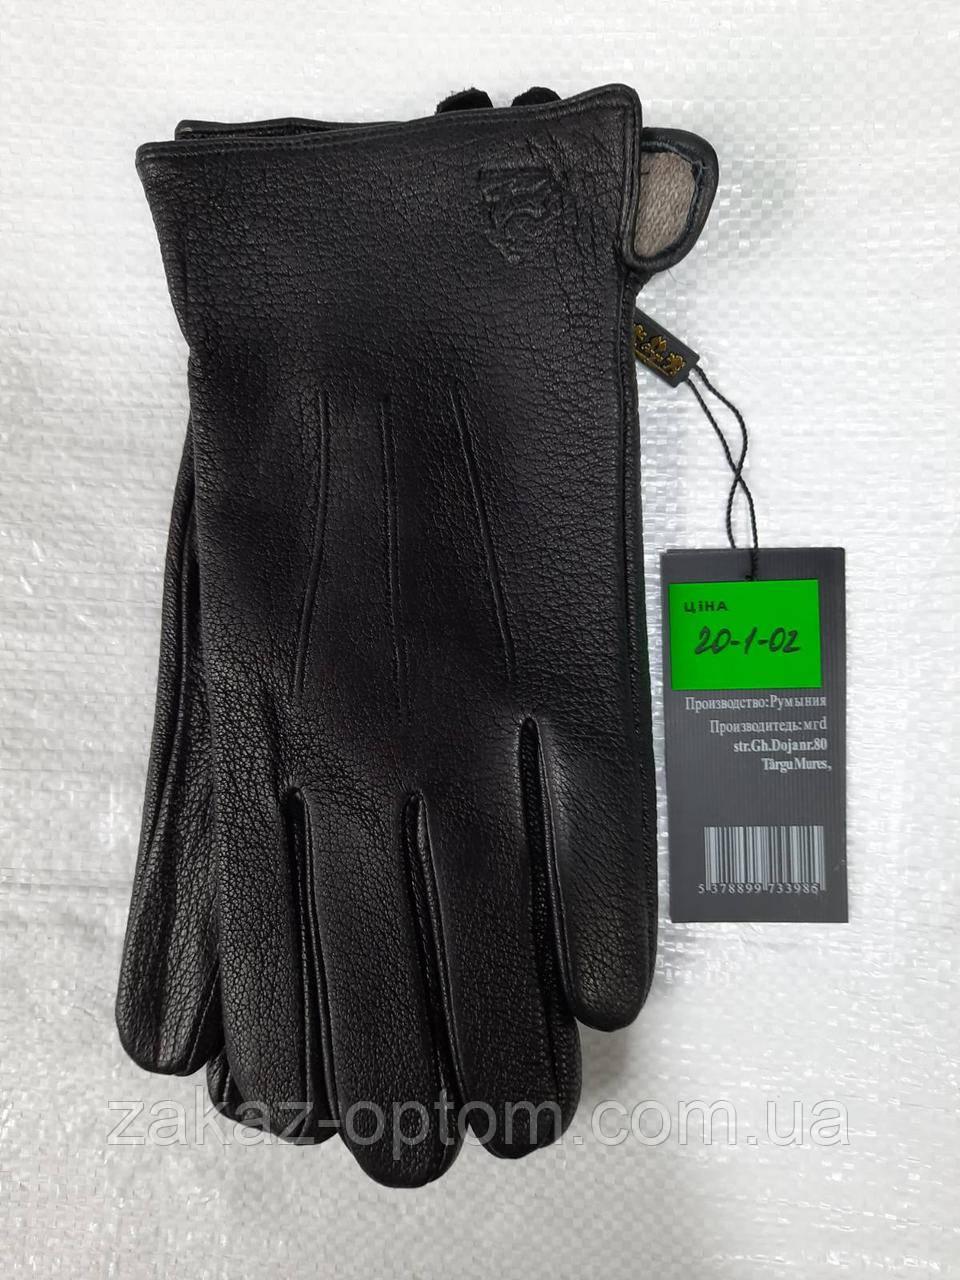 Мужские перчатки оптом кожа оленья(10,5-12,5)Румыния 20-1-01 -63197